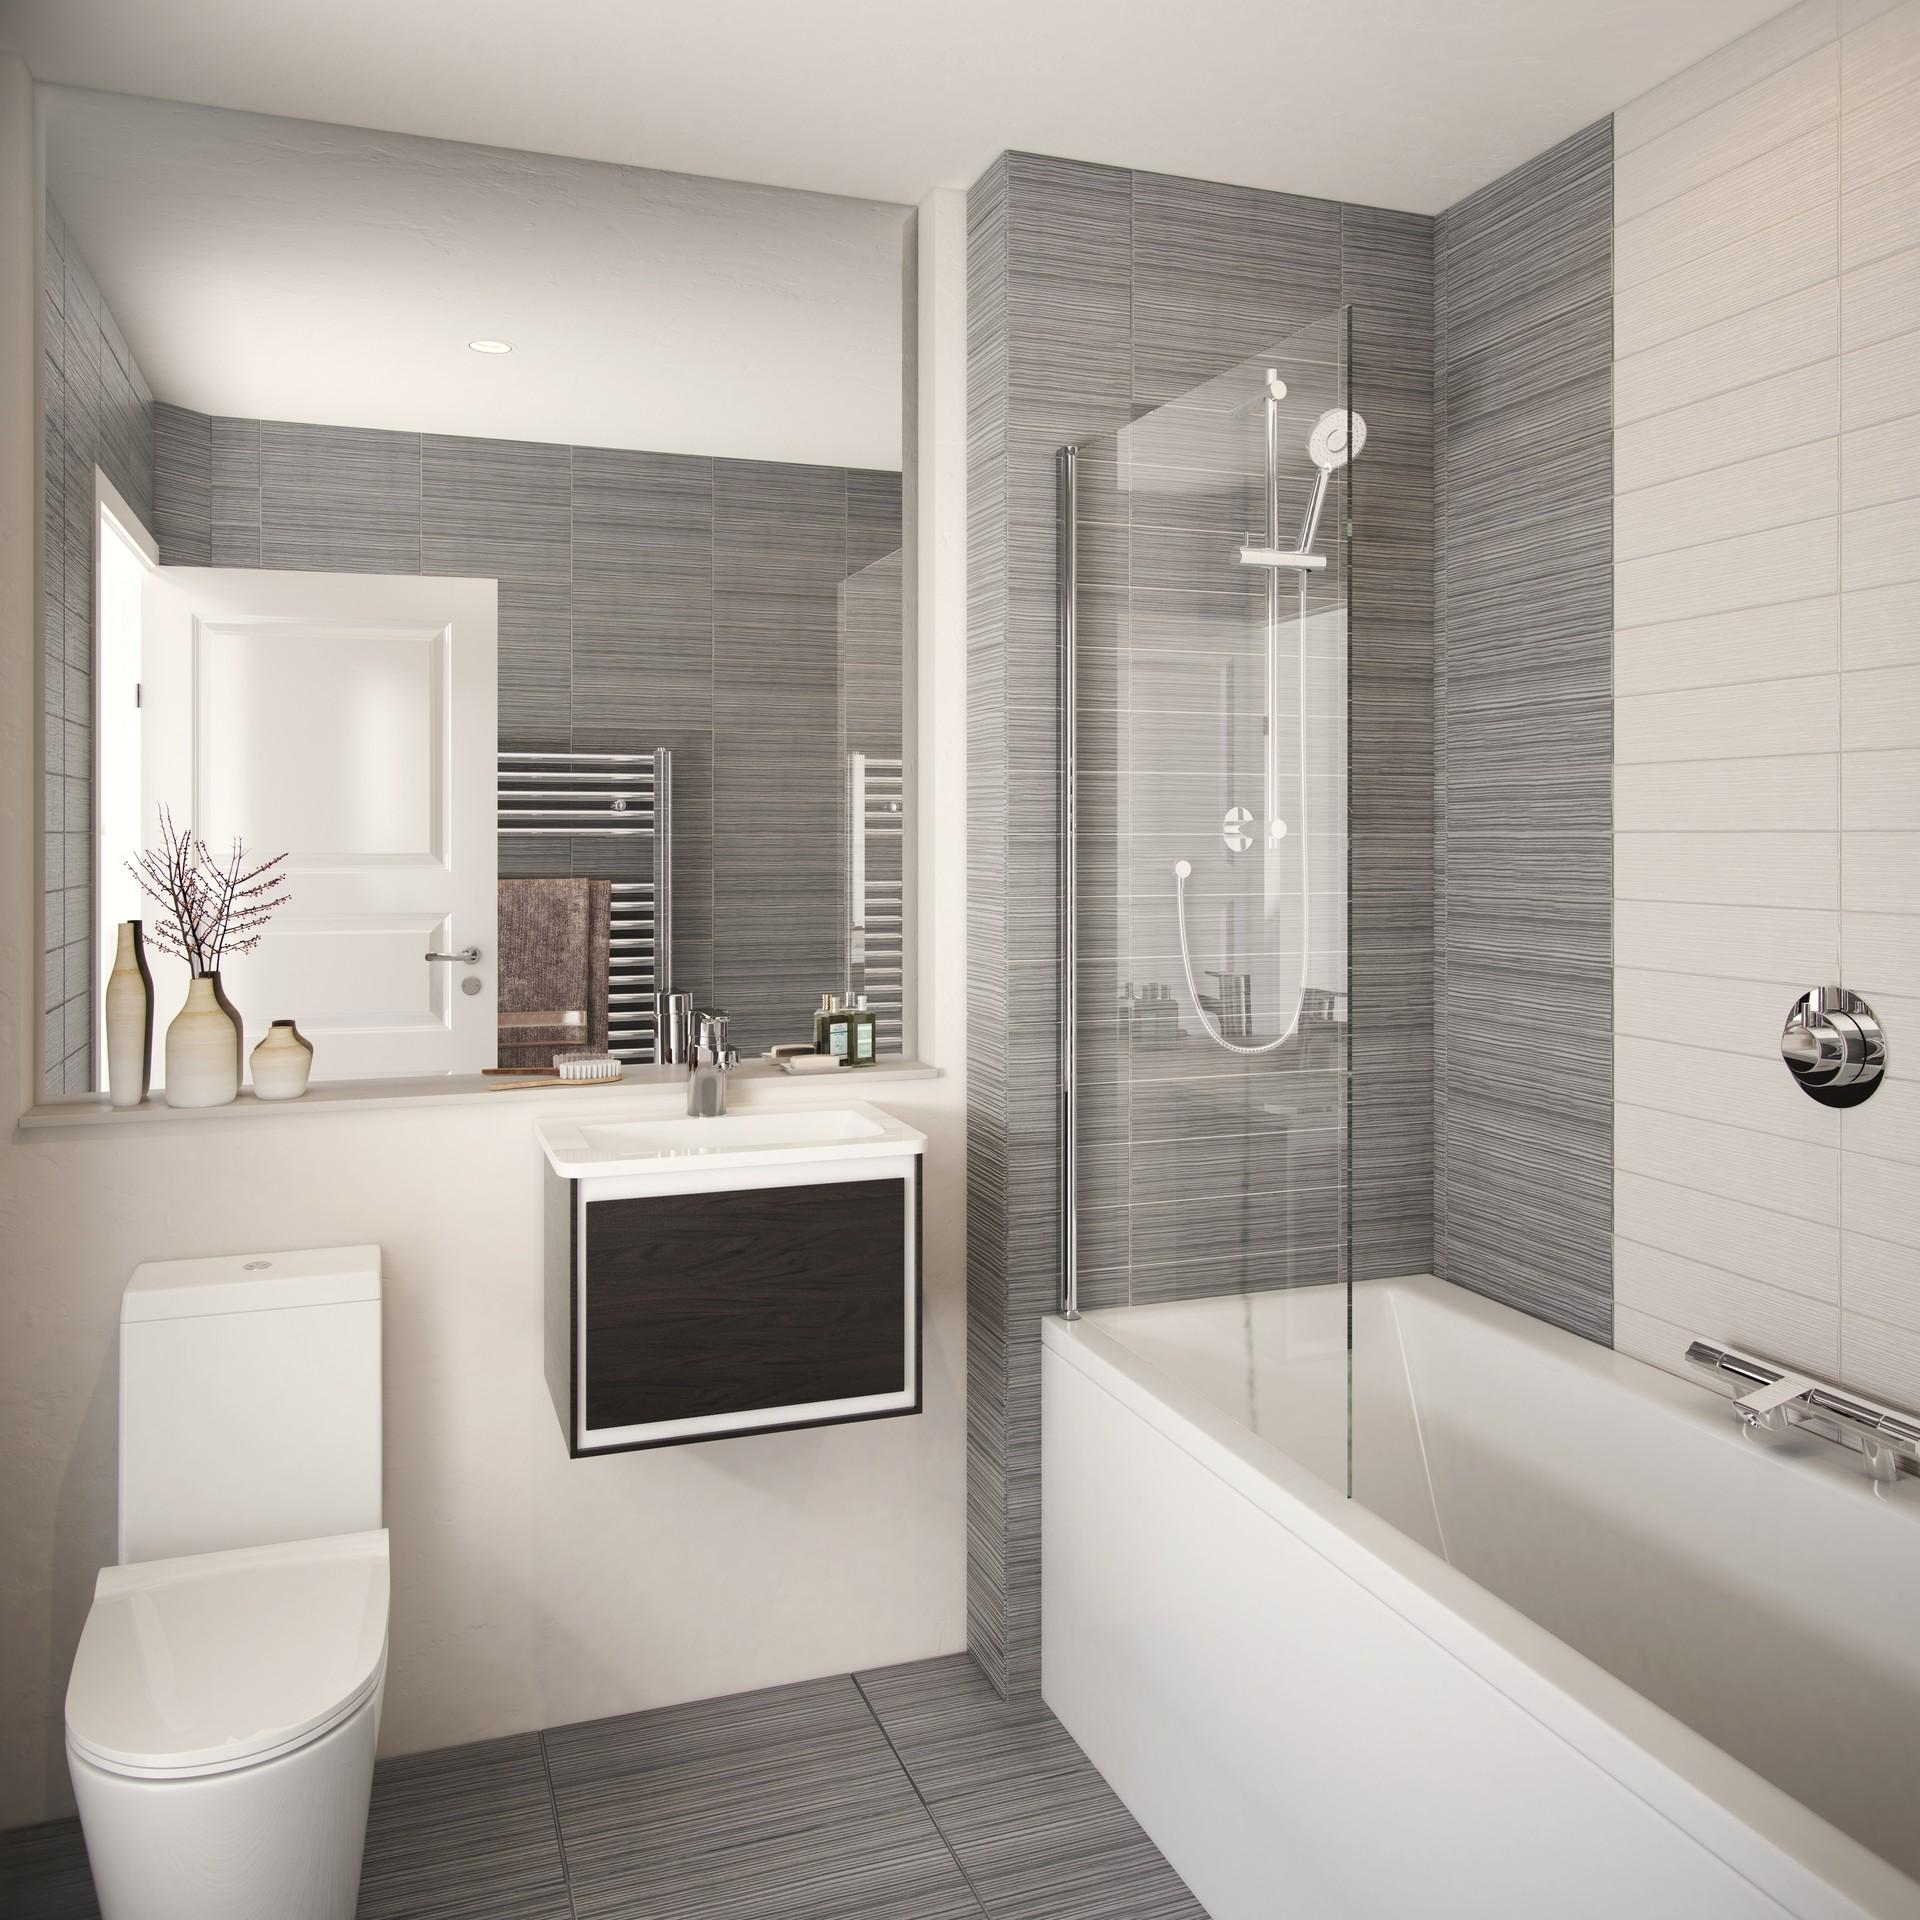 Louie woodhouse bch002 colwynbay bathroom rev01 hr